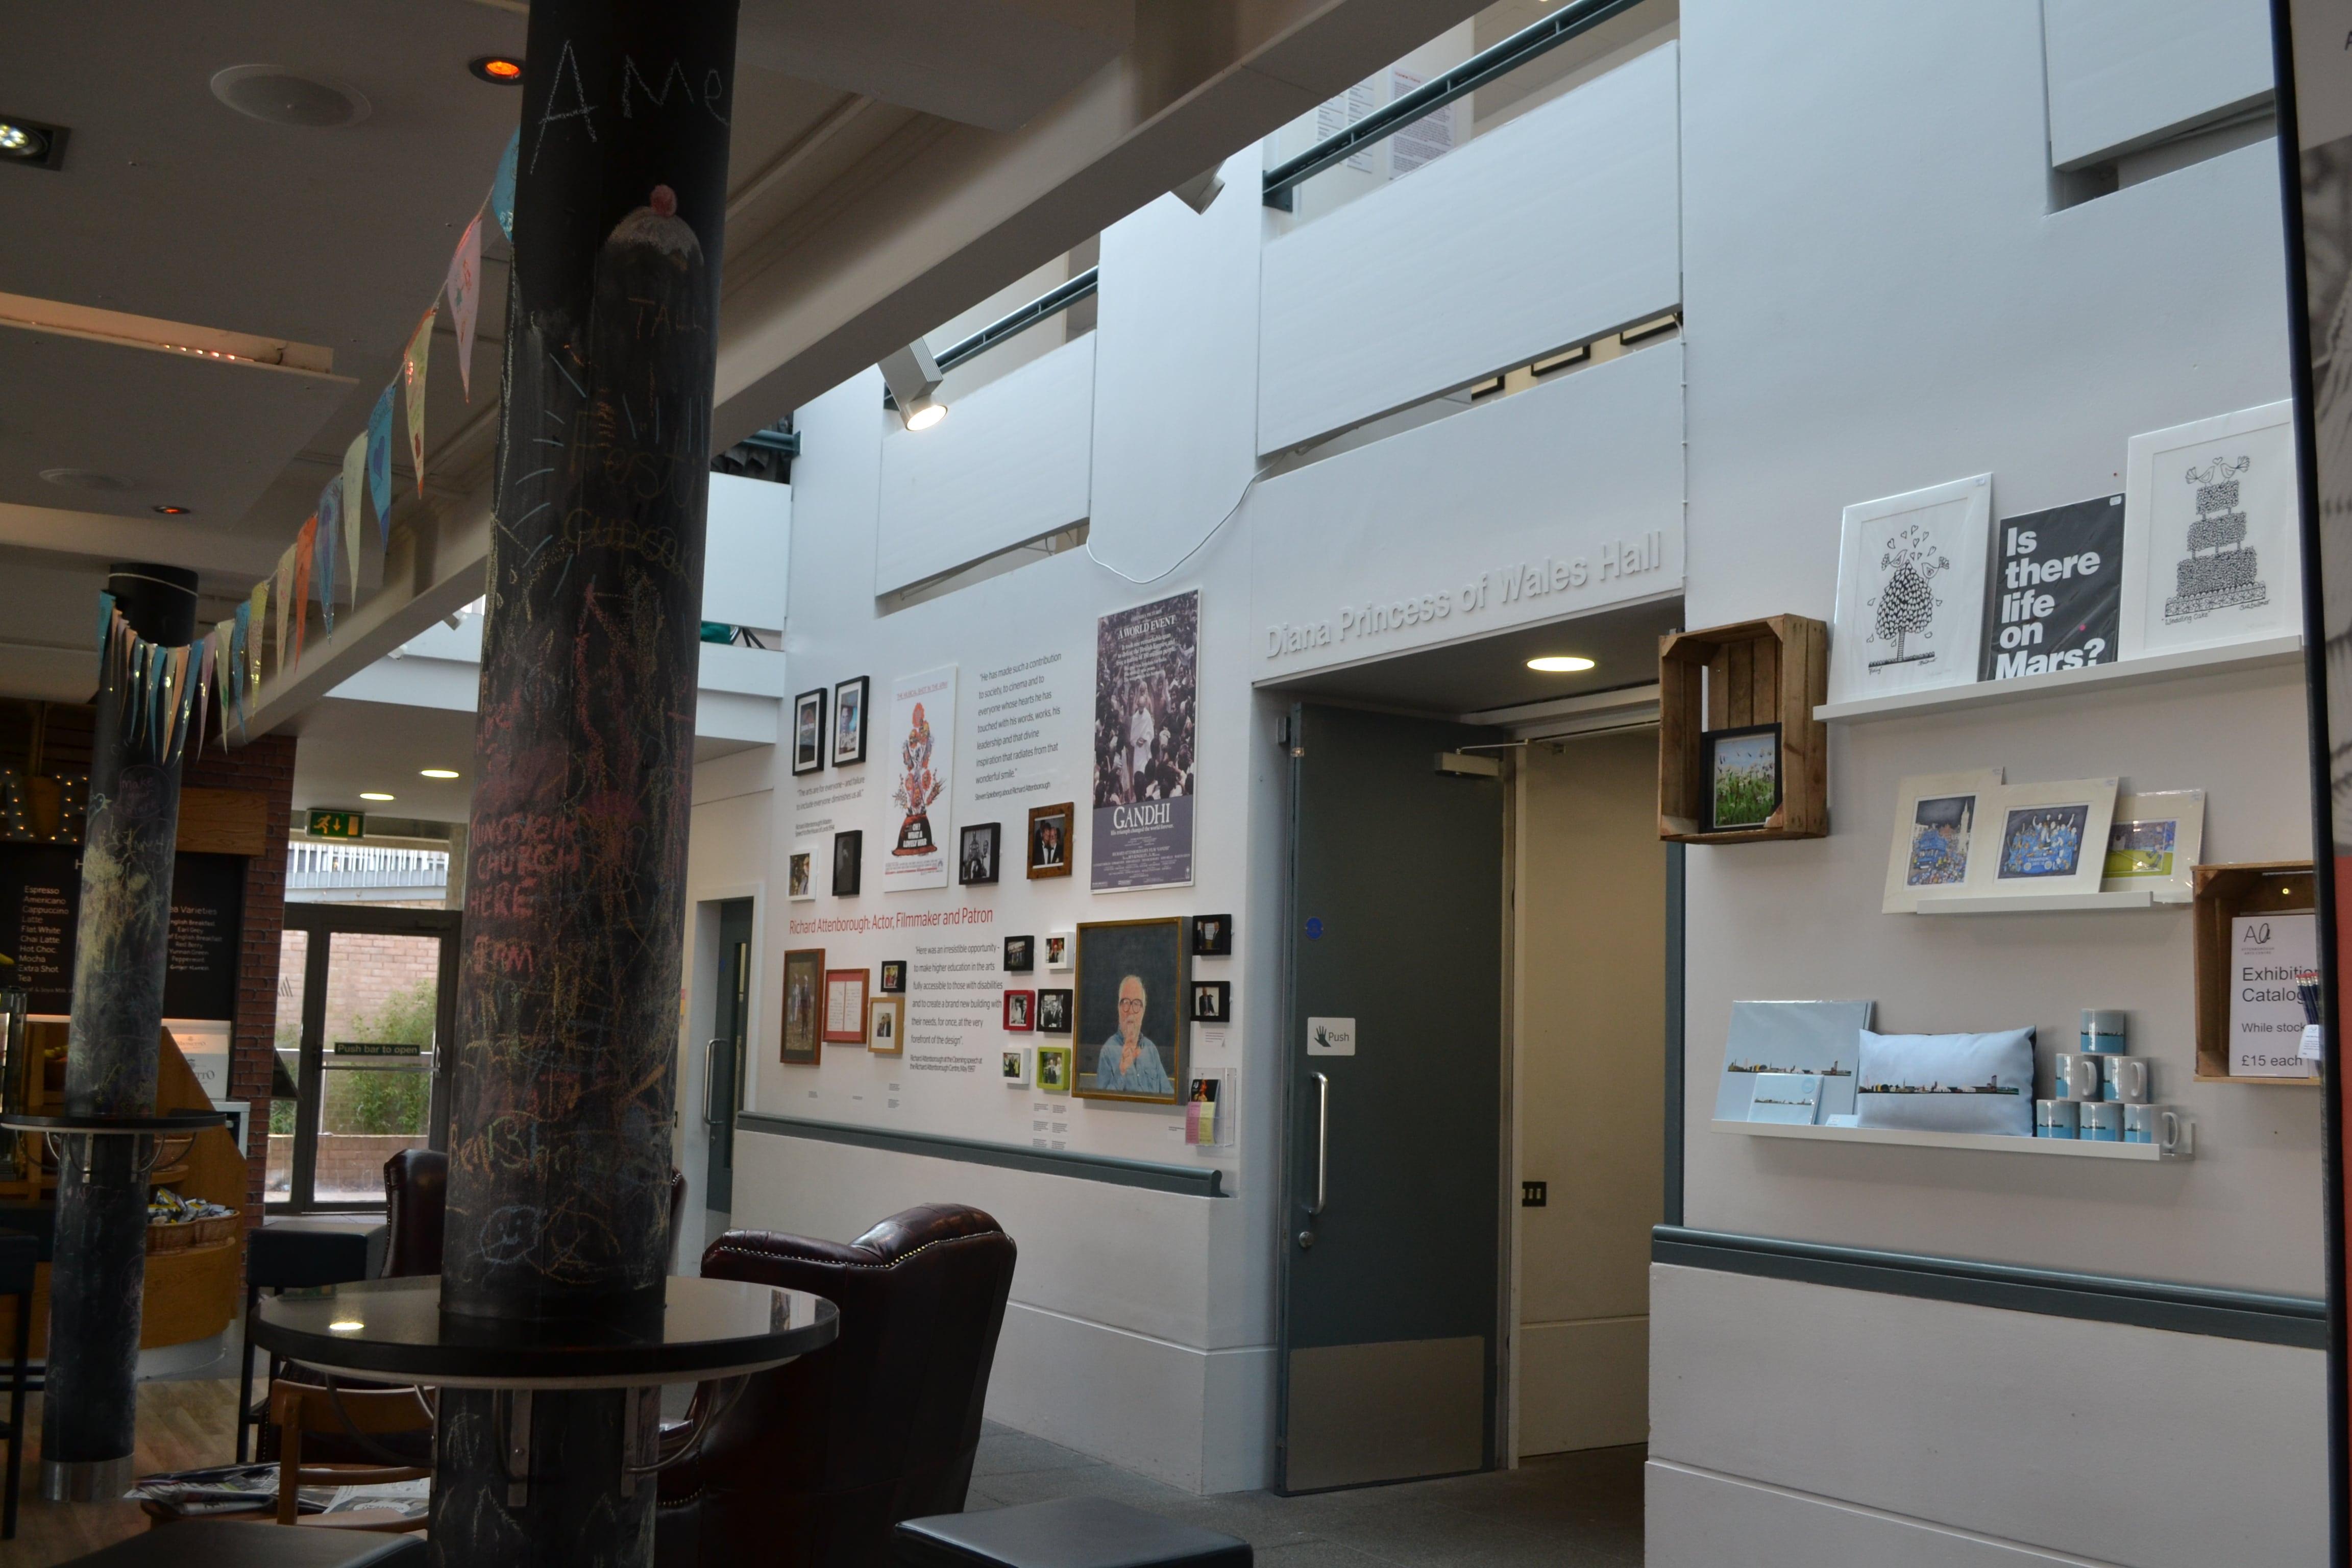 В здании Embrace Arts расположена галерея, кафешка и сувенирный магазинчик.